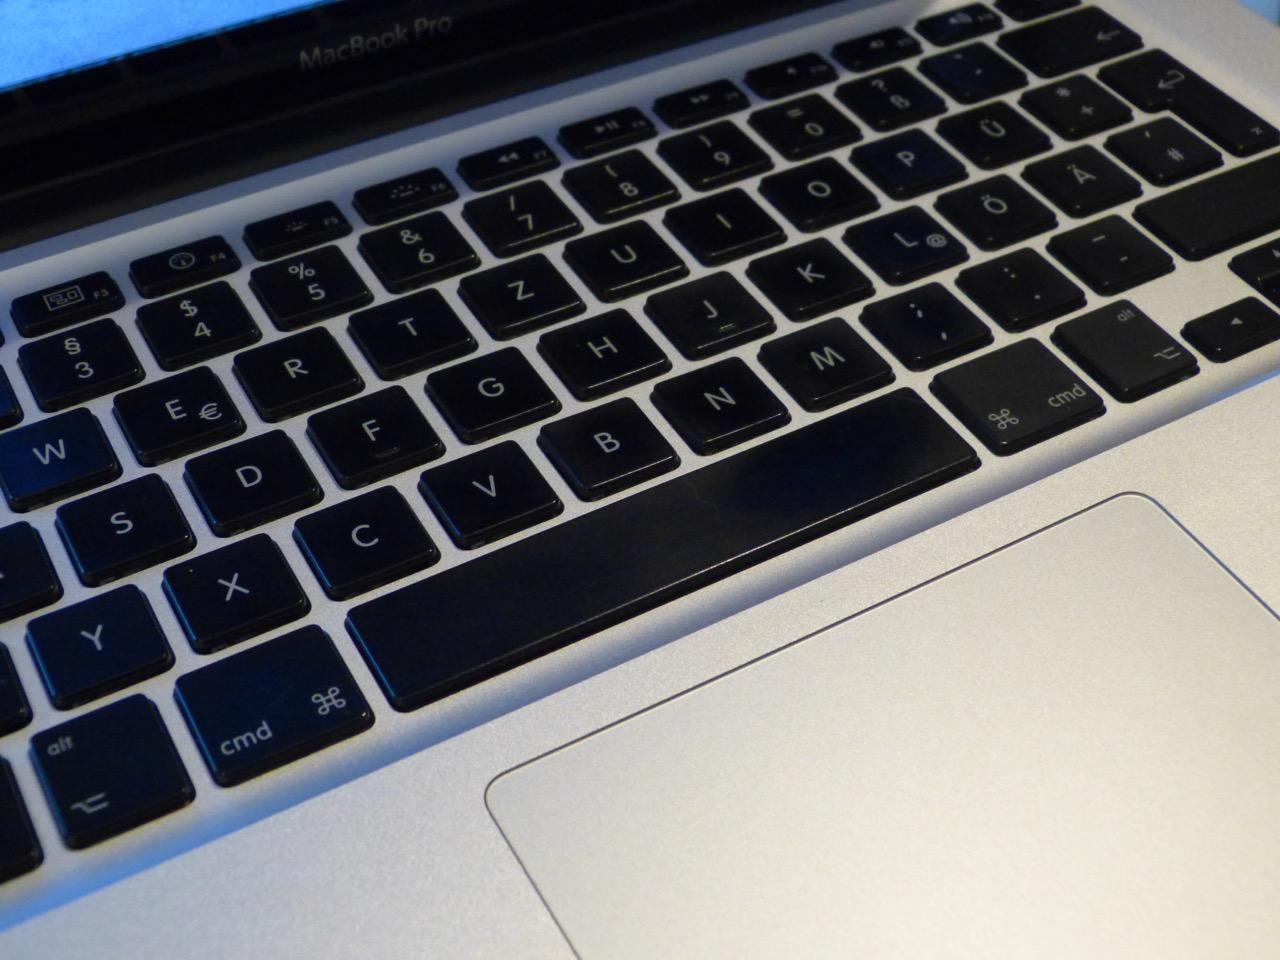 Ausschnitt der Tastatur eines MacBook Pro, schwarze Tasten, silbernes Gehäuse